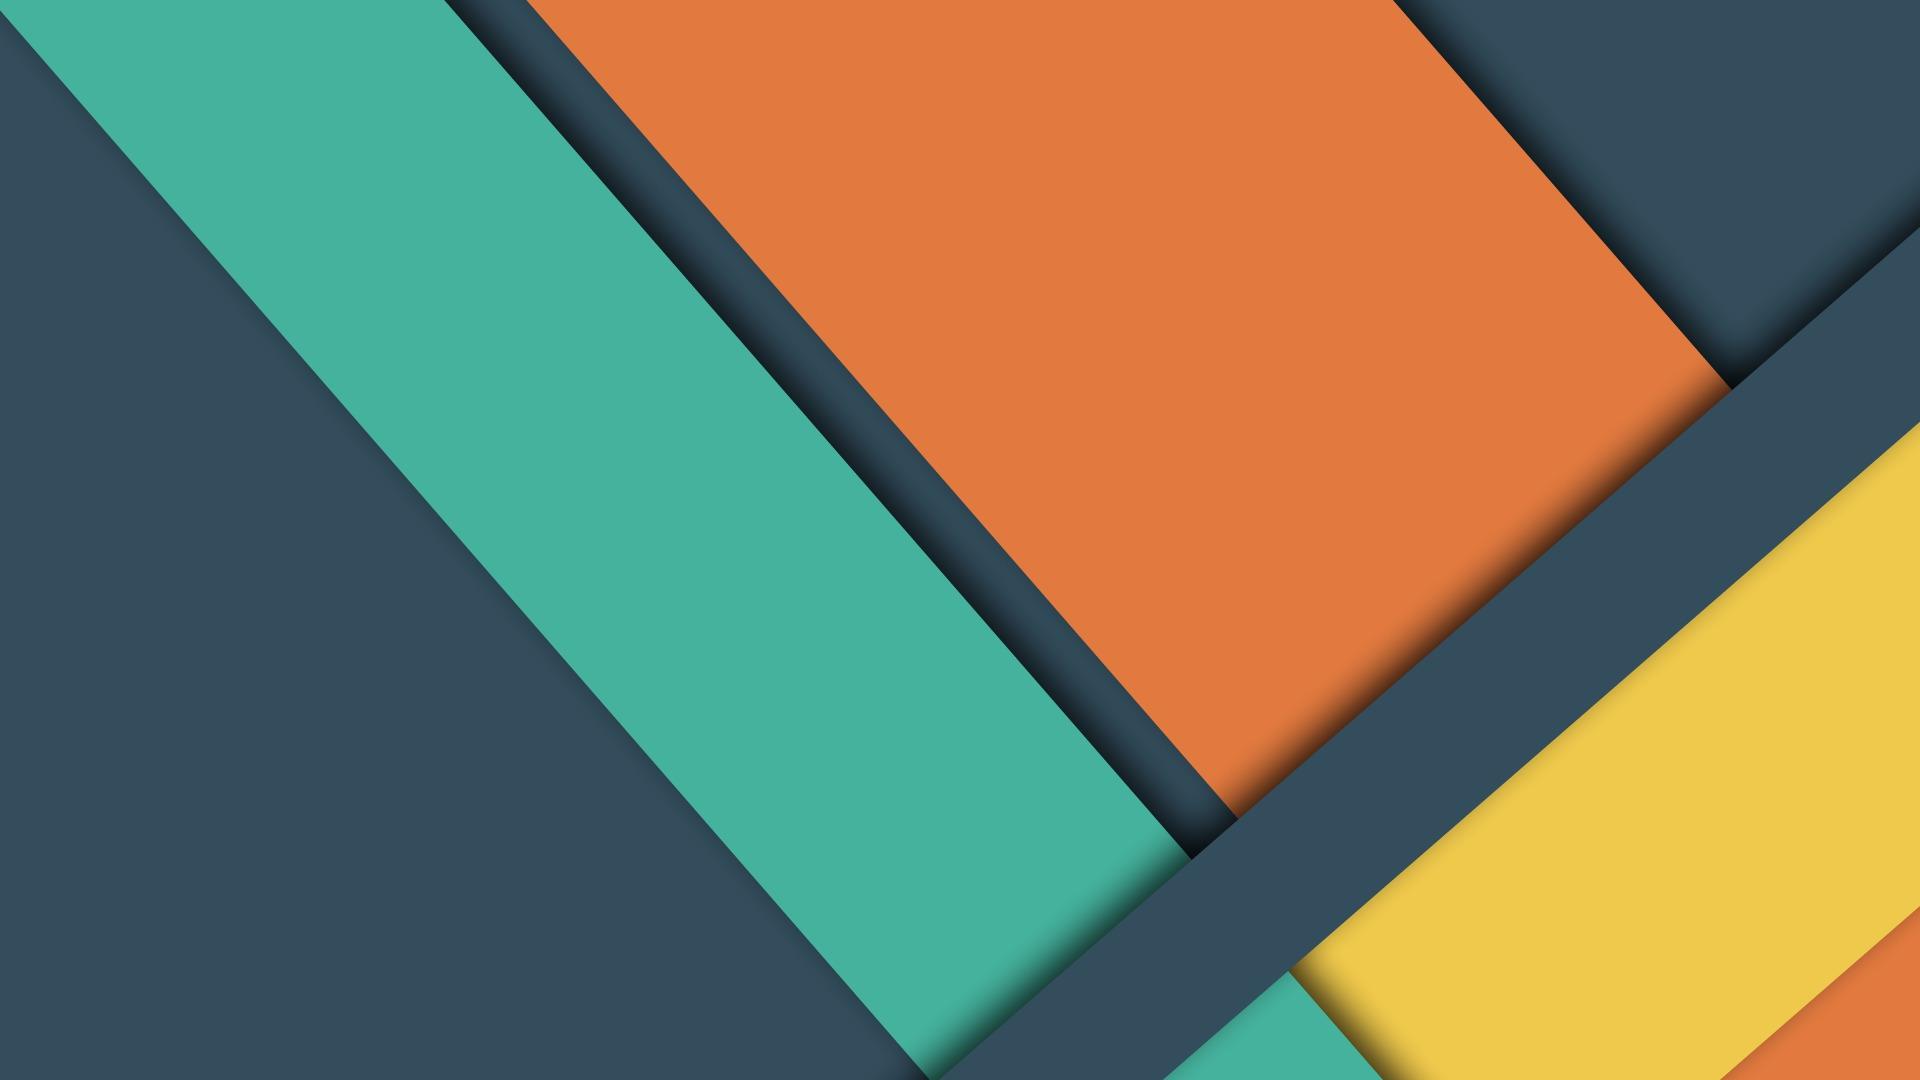 Линии фигуры material design  № 3215730 без смс